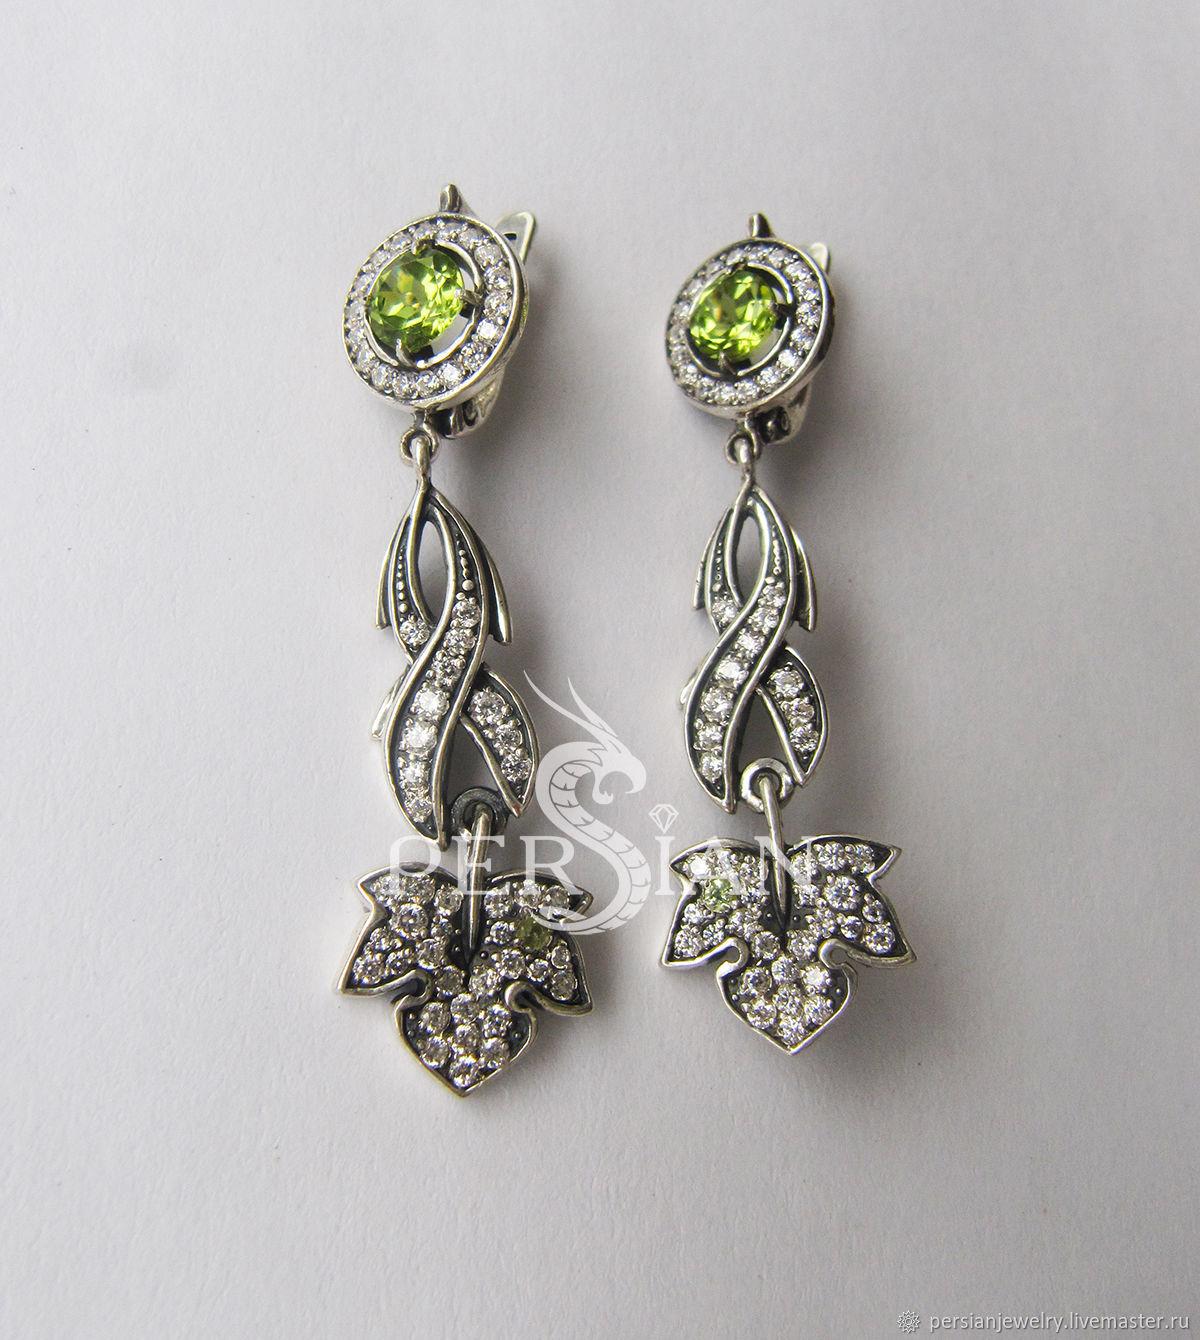 Silver earrings 'Morning dew' with chrysolite, Earrings, Sevastopol,  Фото №1